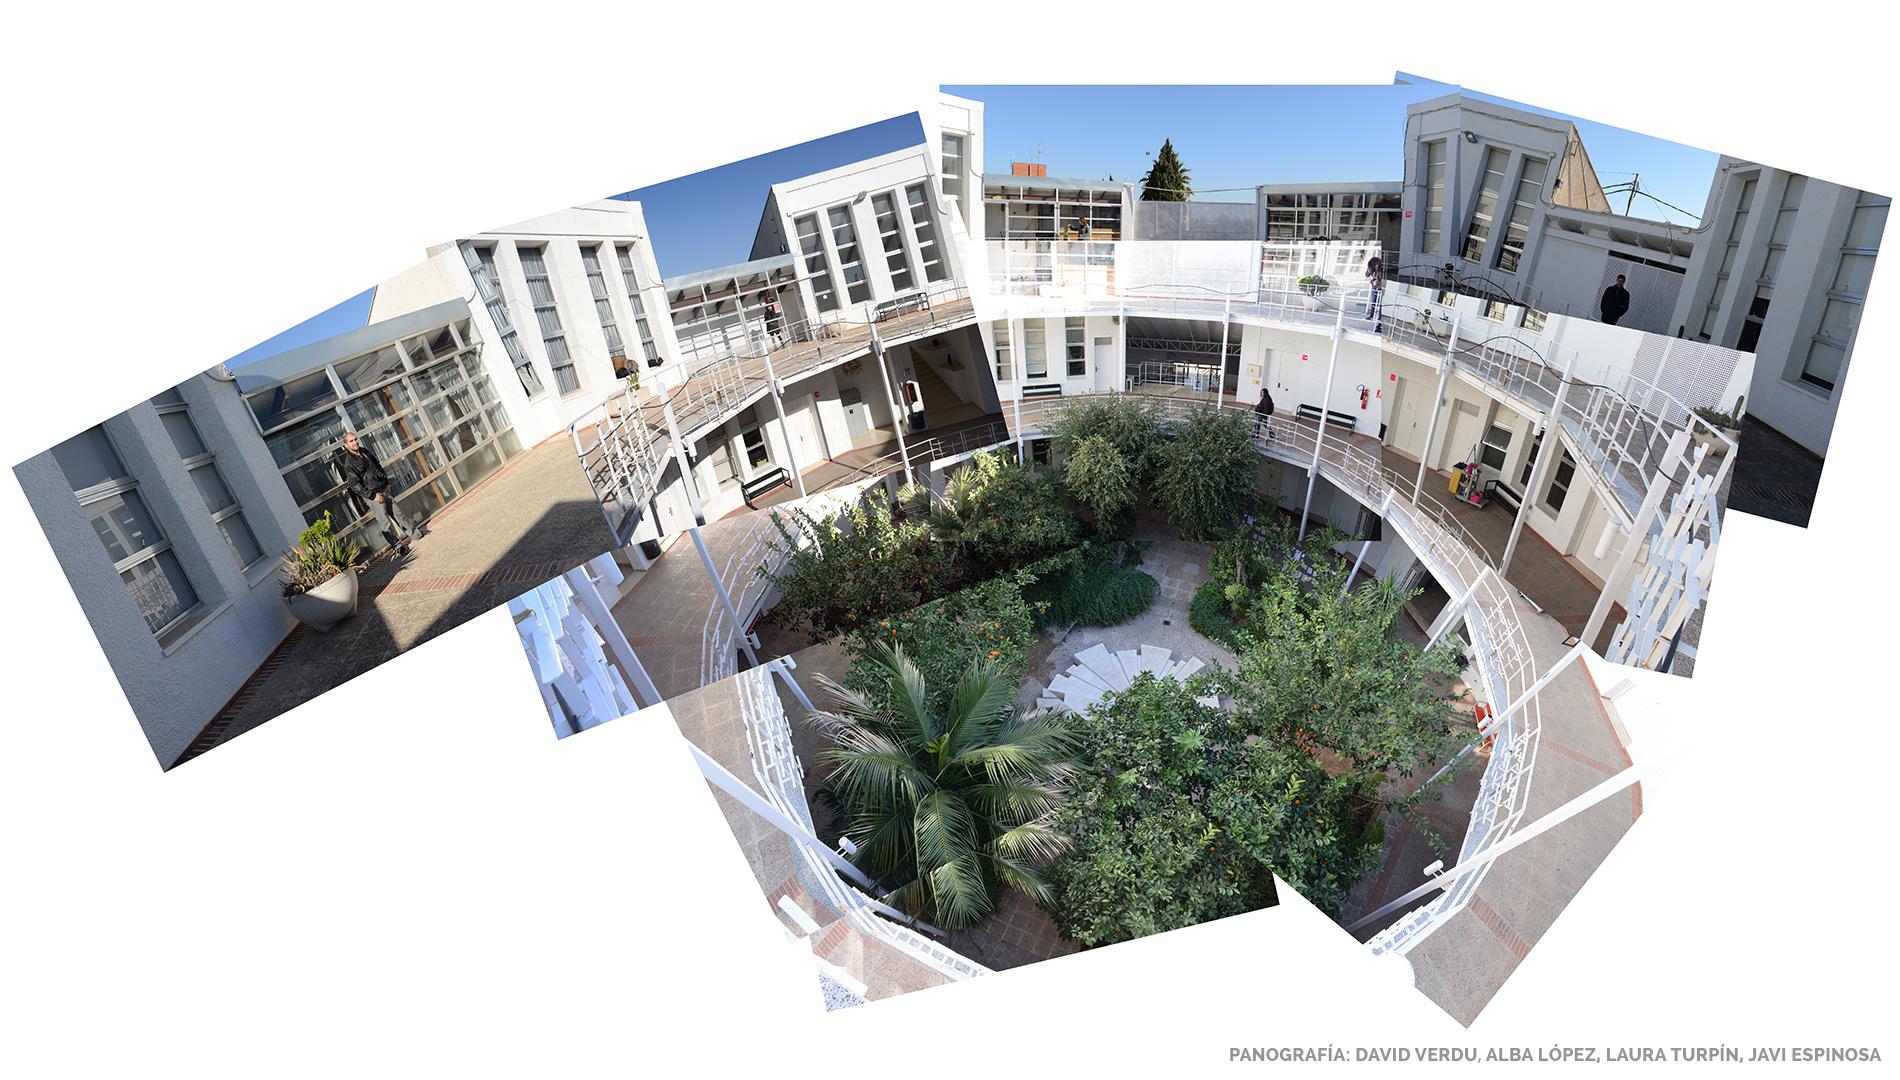 Escuela de Arte Murcia - Panografía del interior creada por alumnos de Fotografía